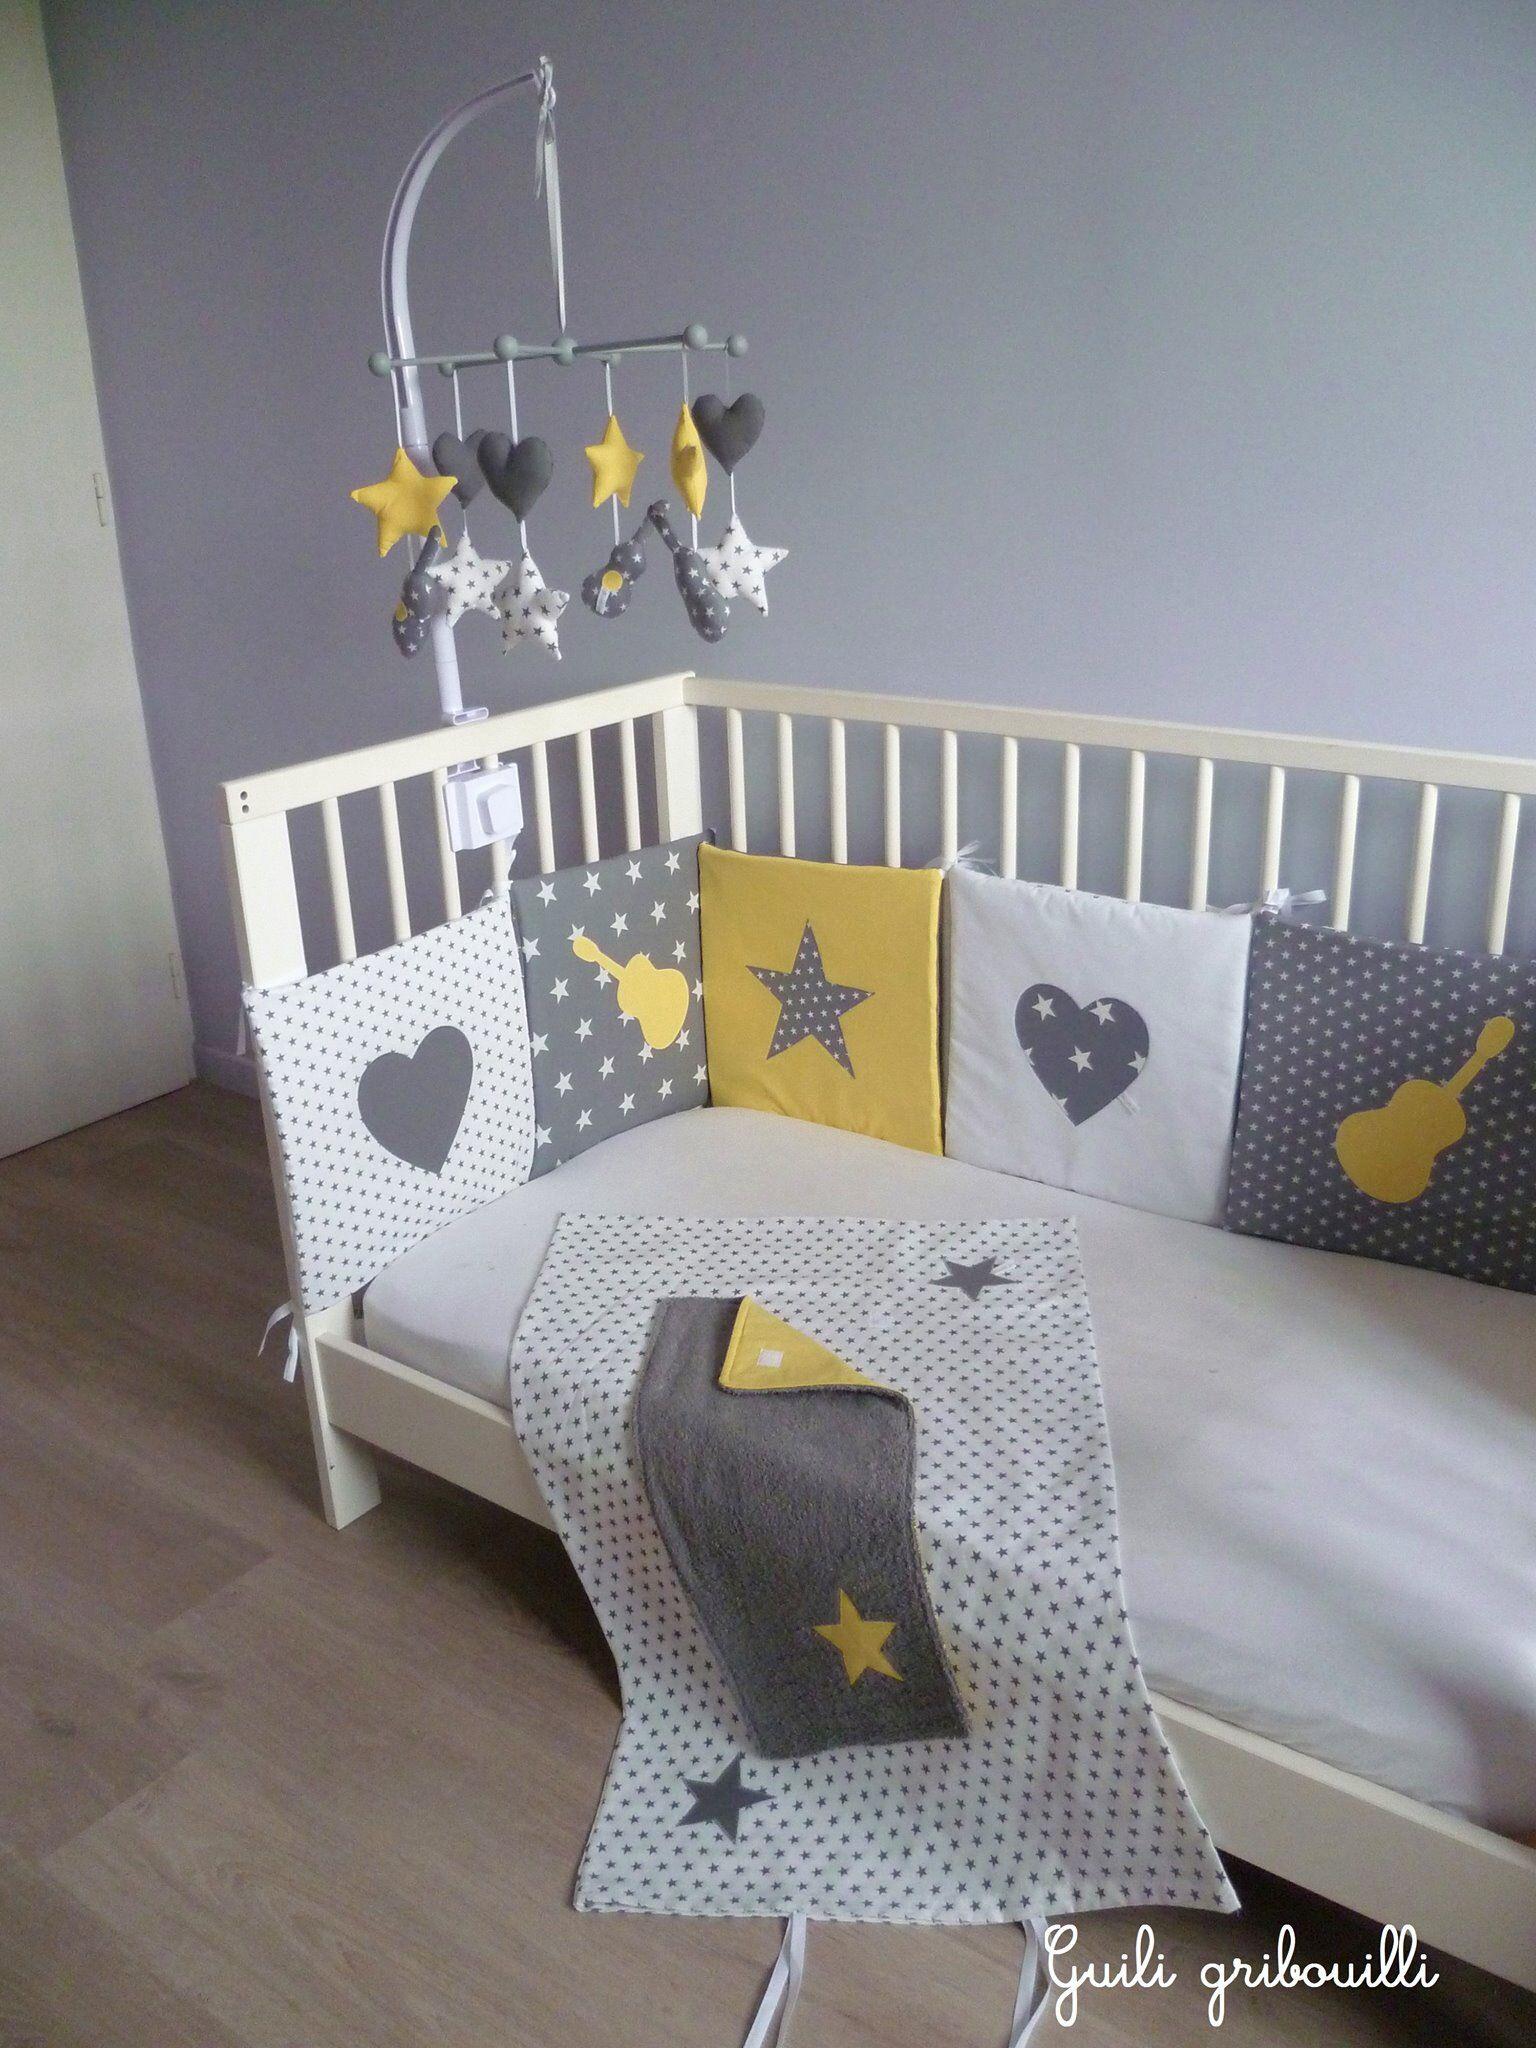 tour de lit housse matelas langer mobile pour la chambre de notre fils cr ation guili. Black Bedroom Furniture Sets. Home Design Ideas